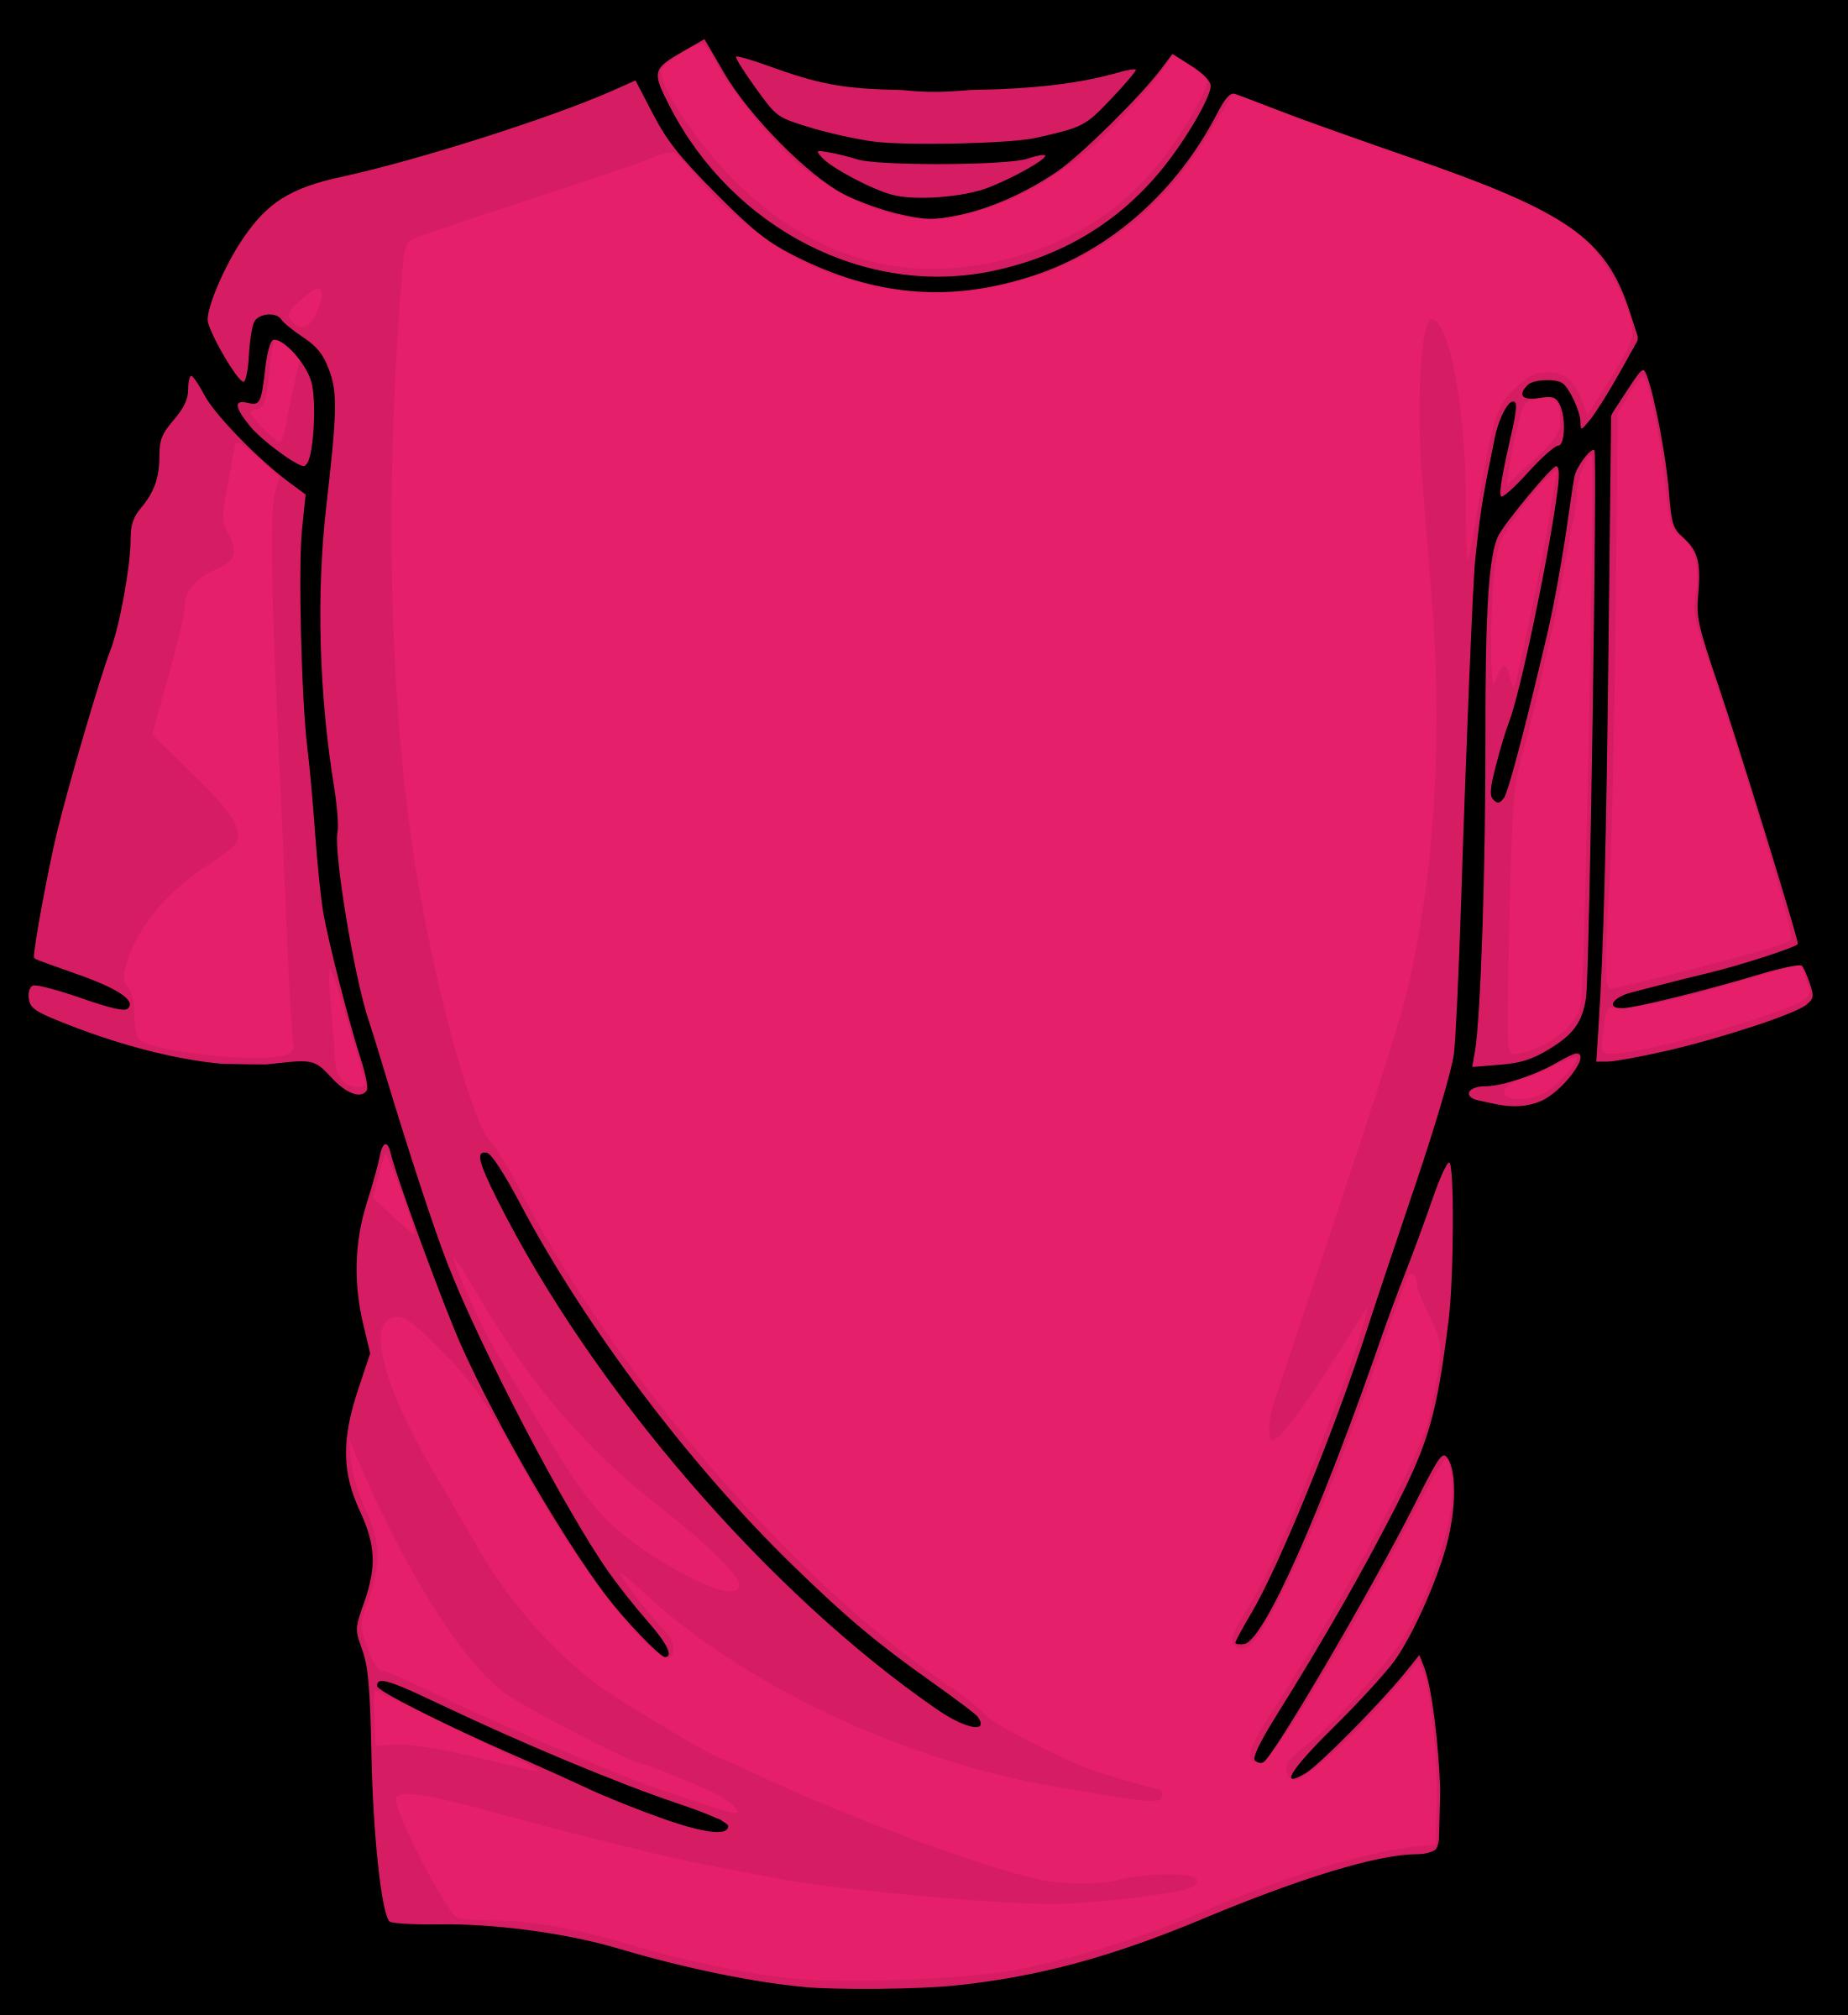 2201x2400 Shirt Clipart